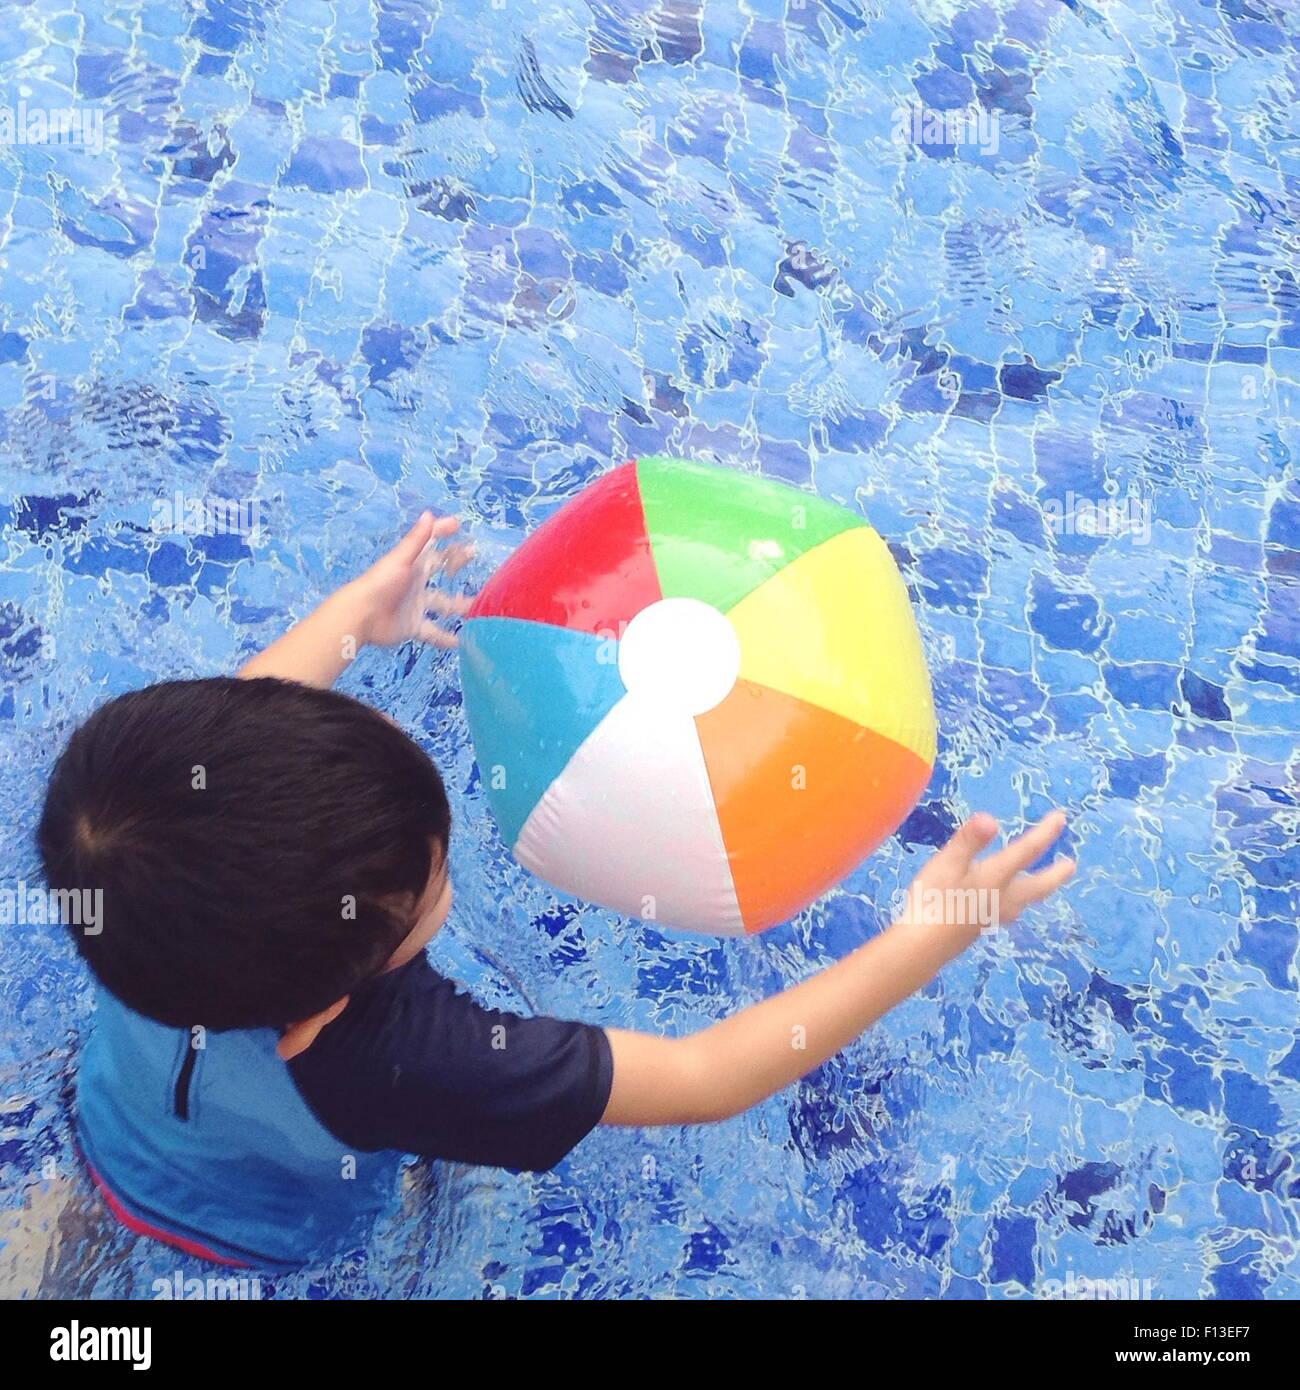 Vista aerea di un ragazzo giocando con una palla spiaggia in piscina Immagini Stock